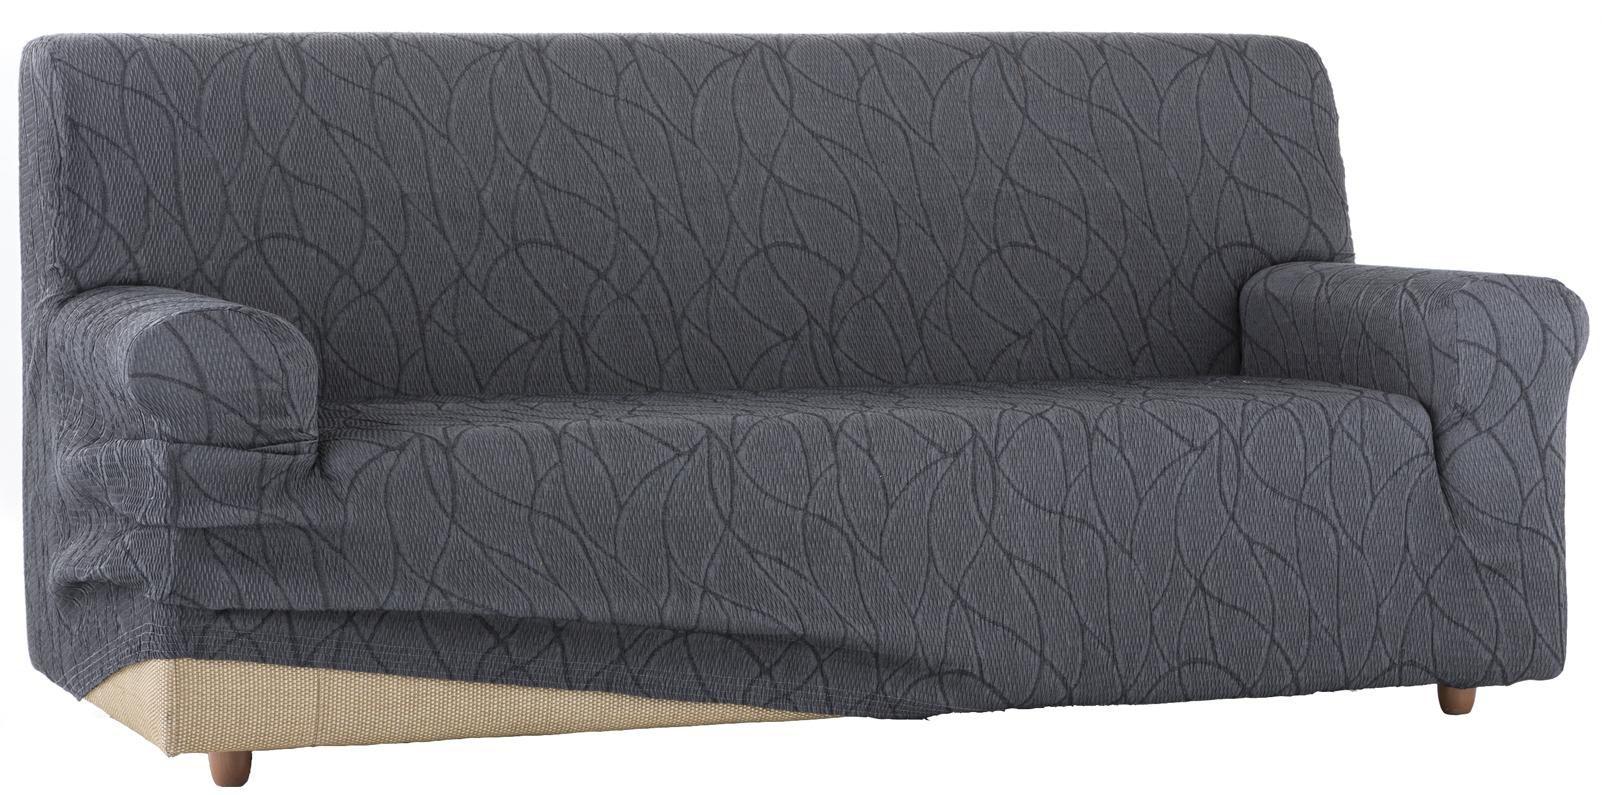 sofahusse zebra alexia mit geschwungenen linien schwab versand neuheiten. Black Bedroom Furniture Sets. Home Design Ideas